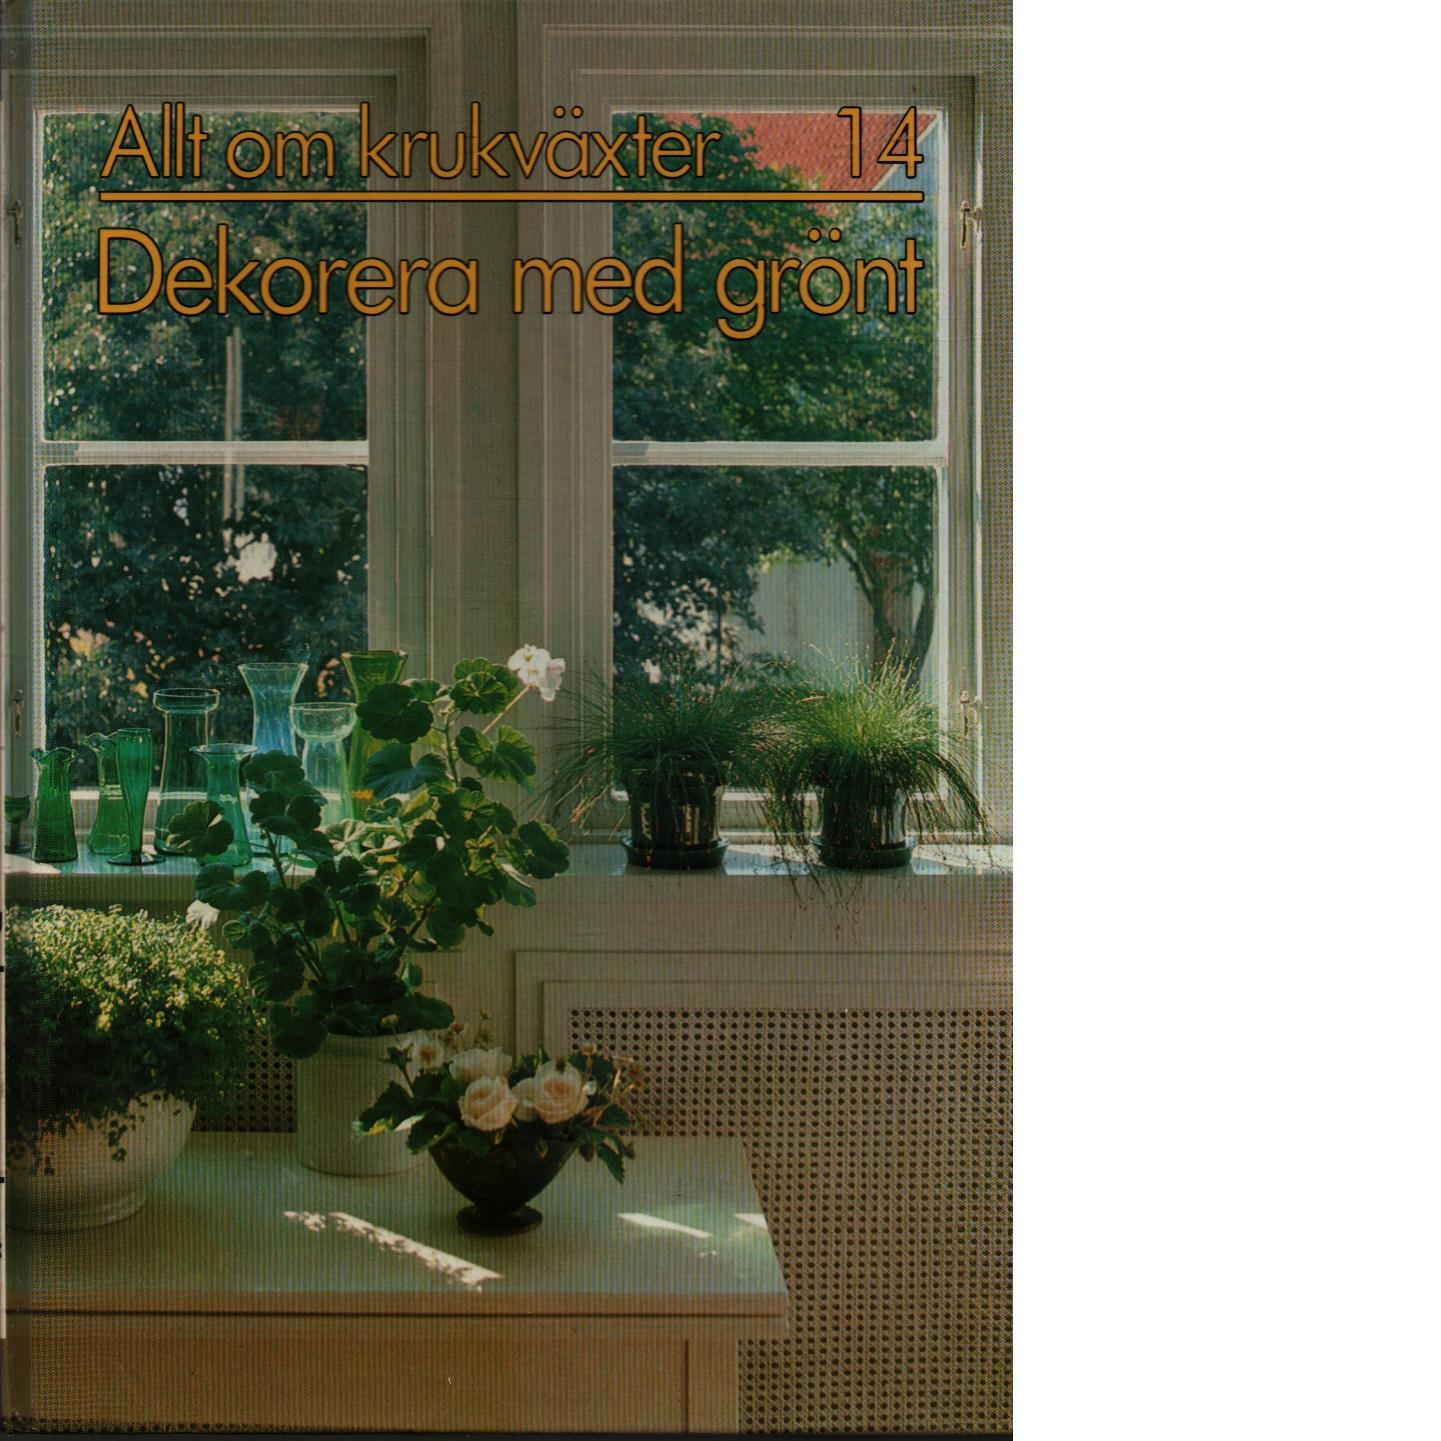 Allt om krukväxter. 14,  Dekorera med grönt - Red. Efraimsson, Ralf